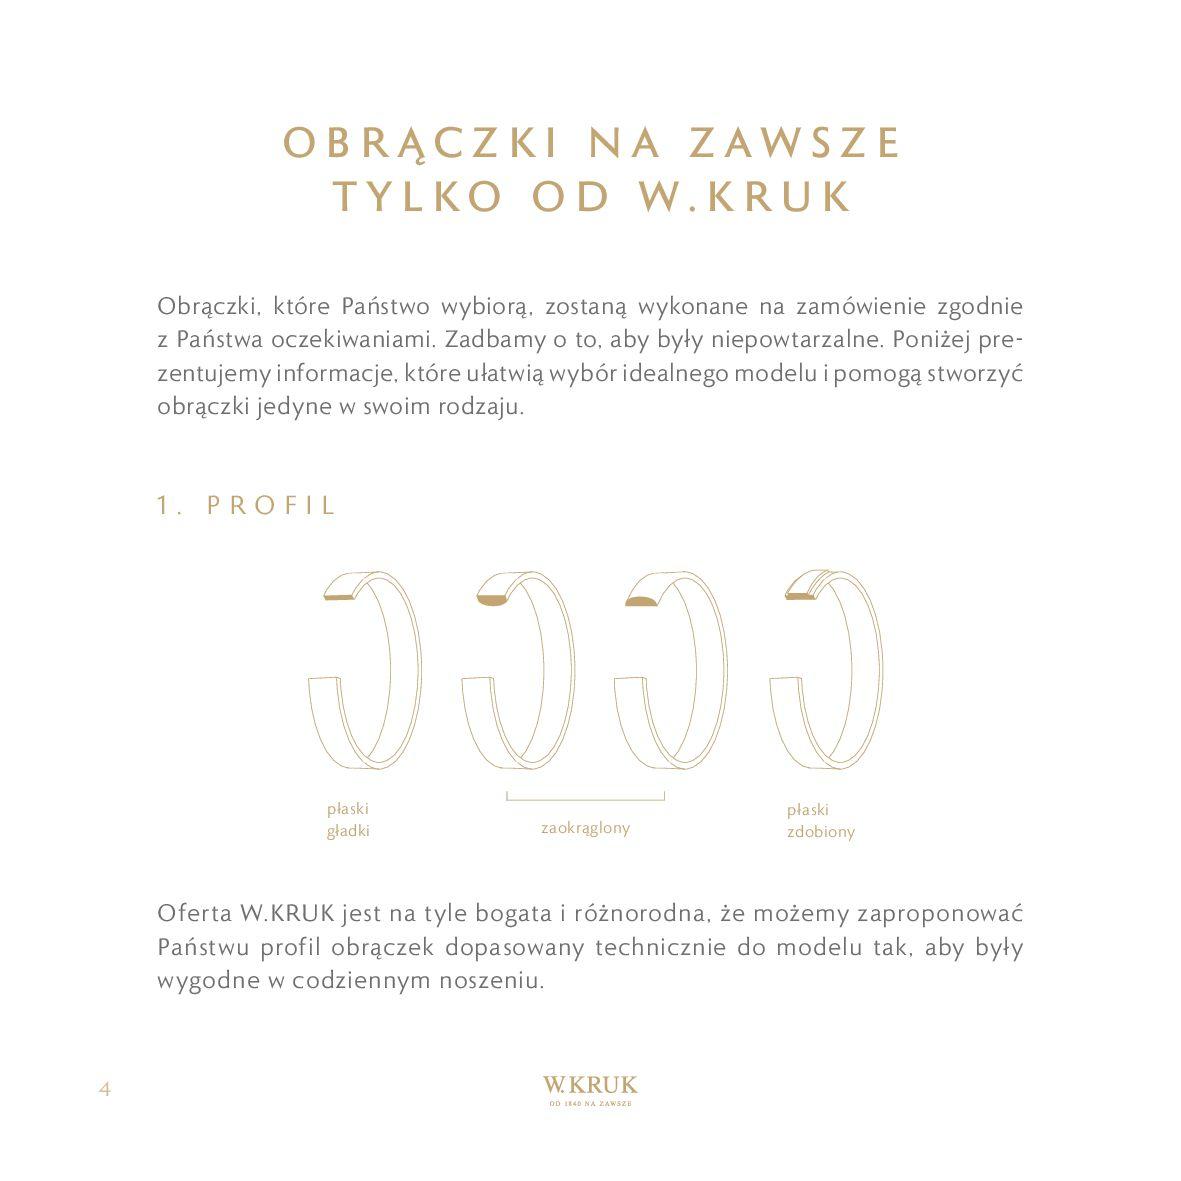 Gazetka W. KRUK: Katalog - Obrączki 2021-02-17 page-6